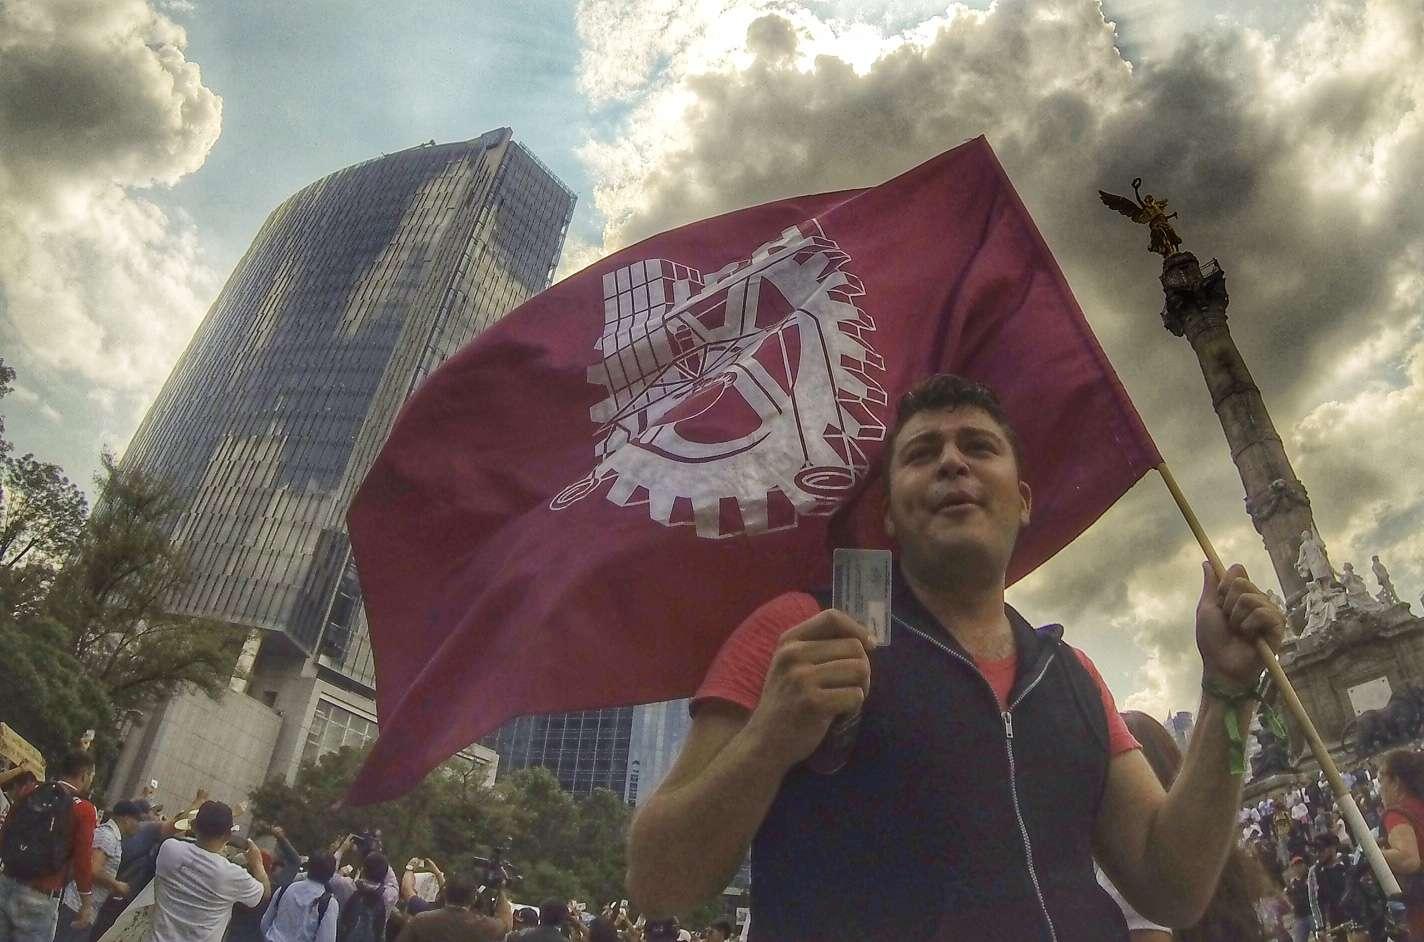 Carteles de protesta en marcha de alumnos del IPN a la Segob Foto: Mario Castillo/Terra